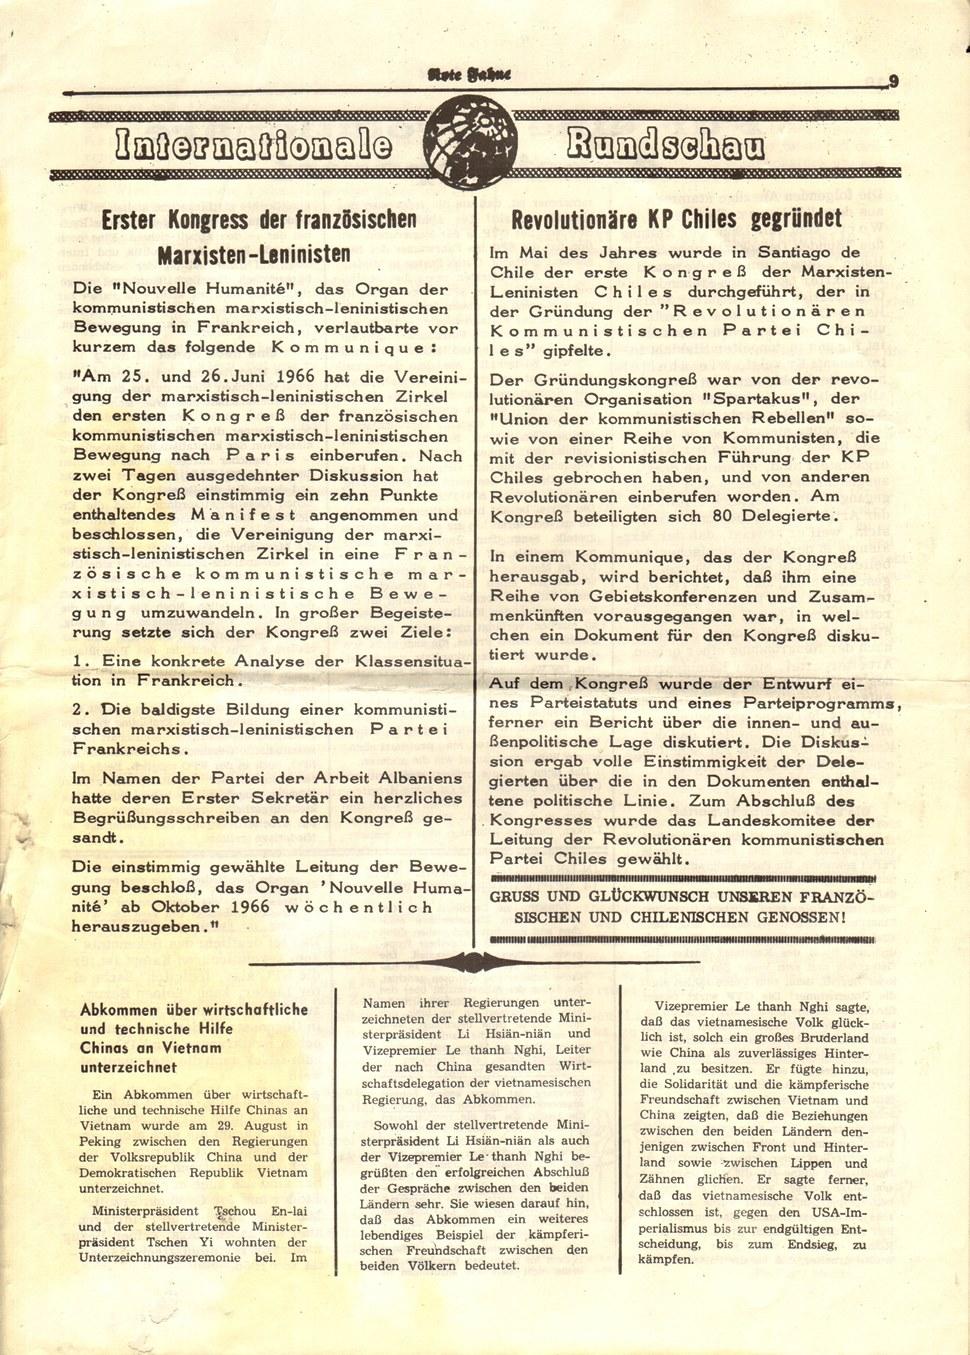 MLPO_Rote_Fahne_1966_062_09